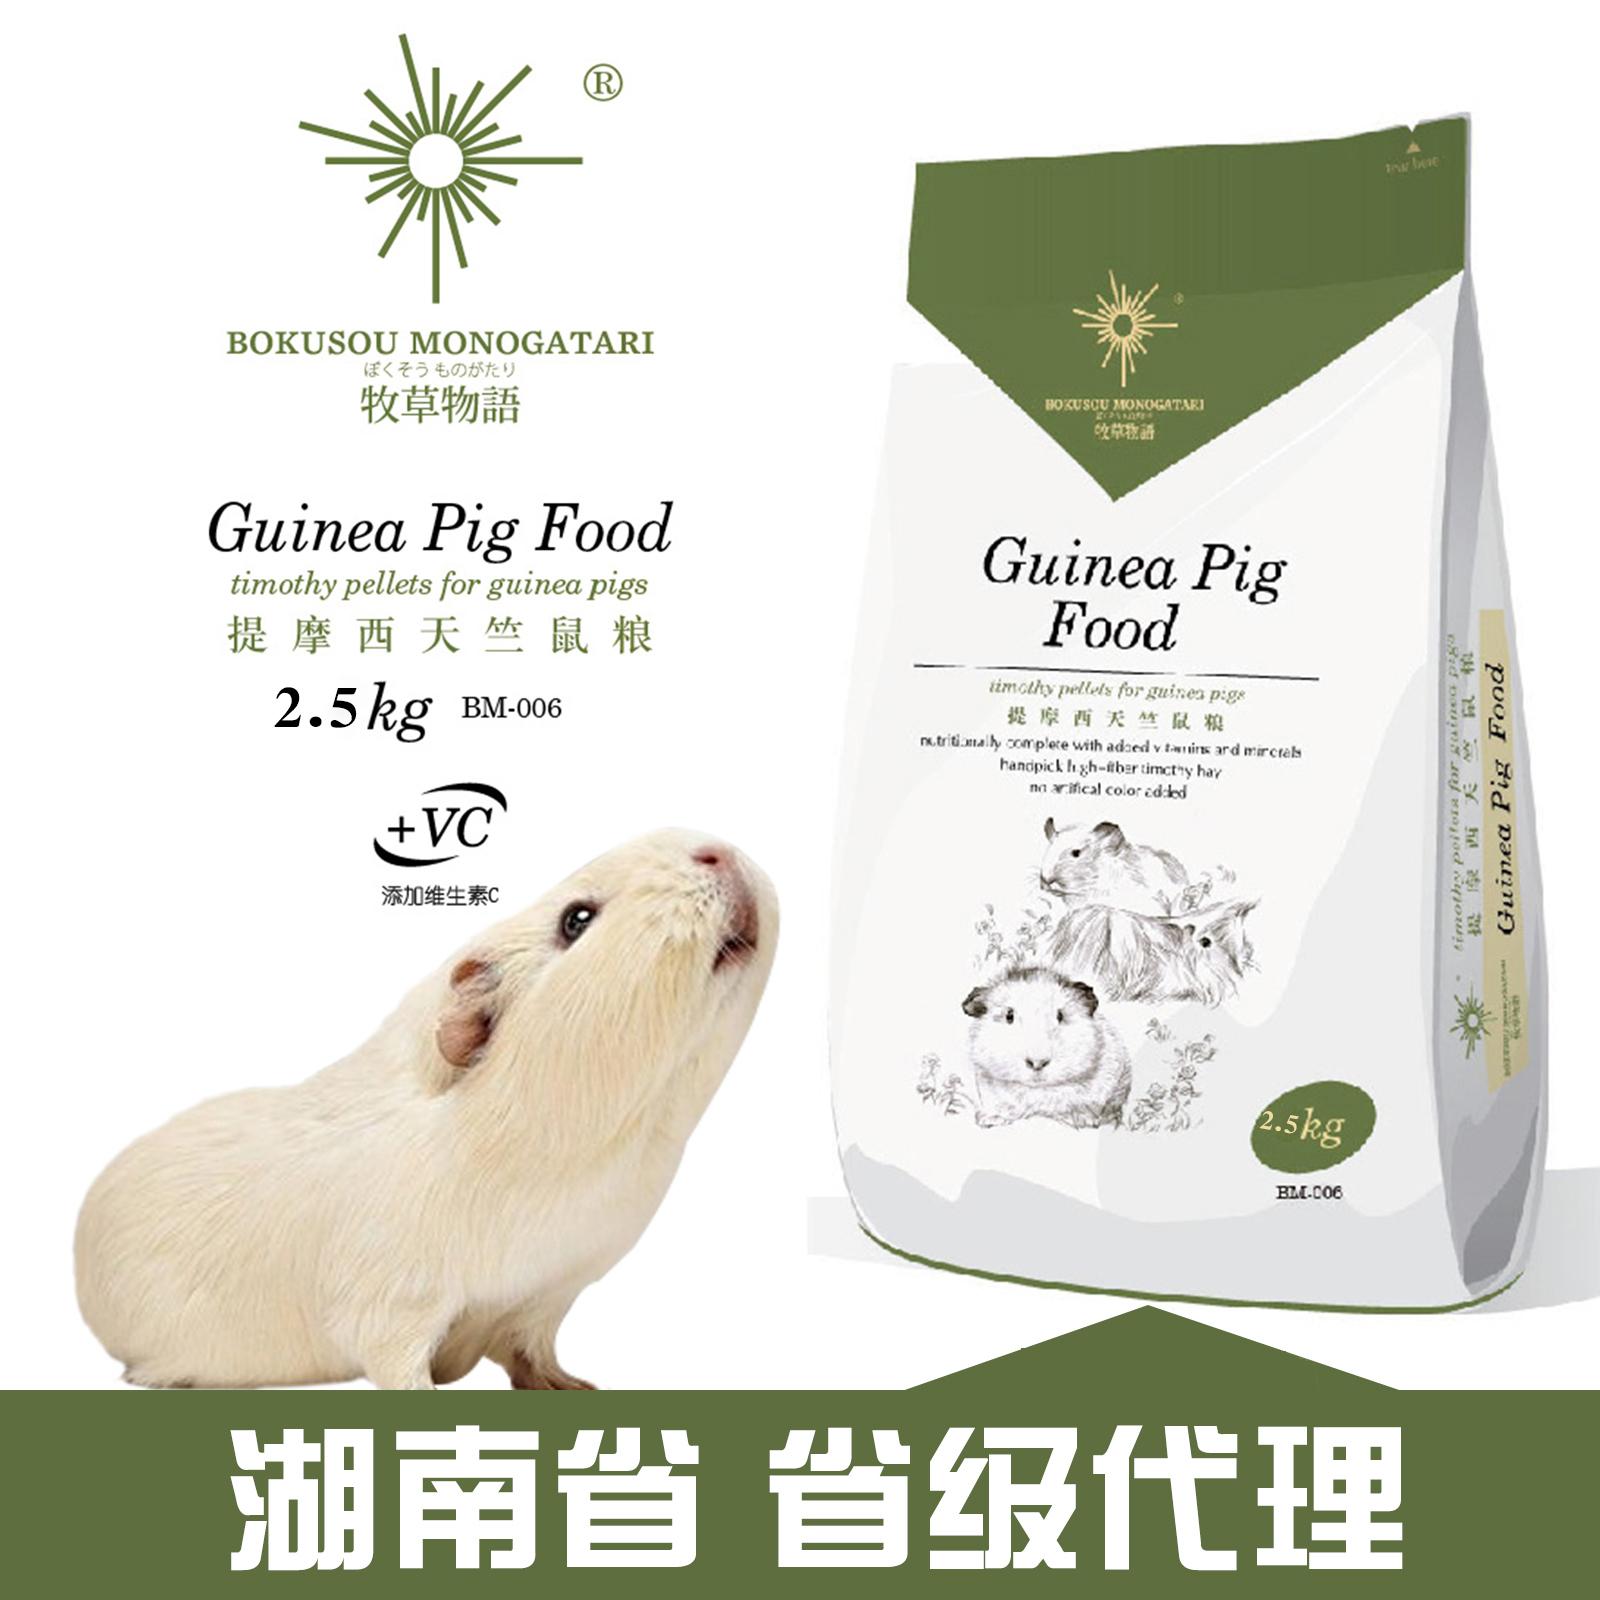 牧草物语提摩西天竺鼠主粮荷兰猪豚鼠粮食荷兰猪营养饲-猪饲料(大毛宠物用品专营店仅售55元)